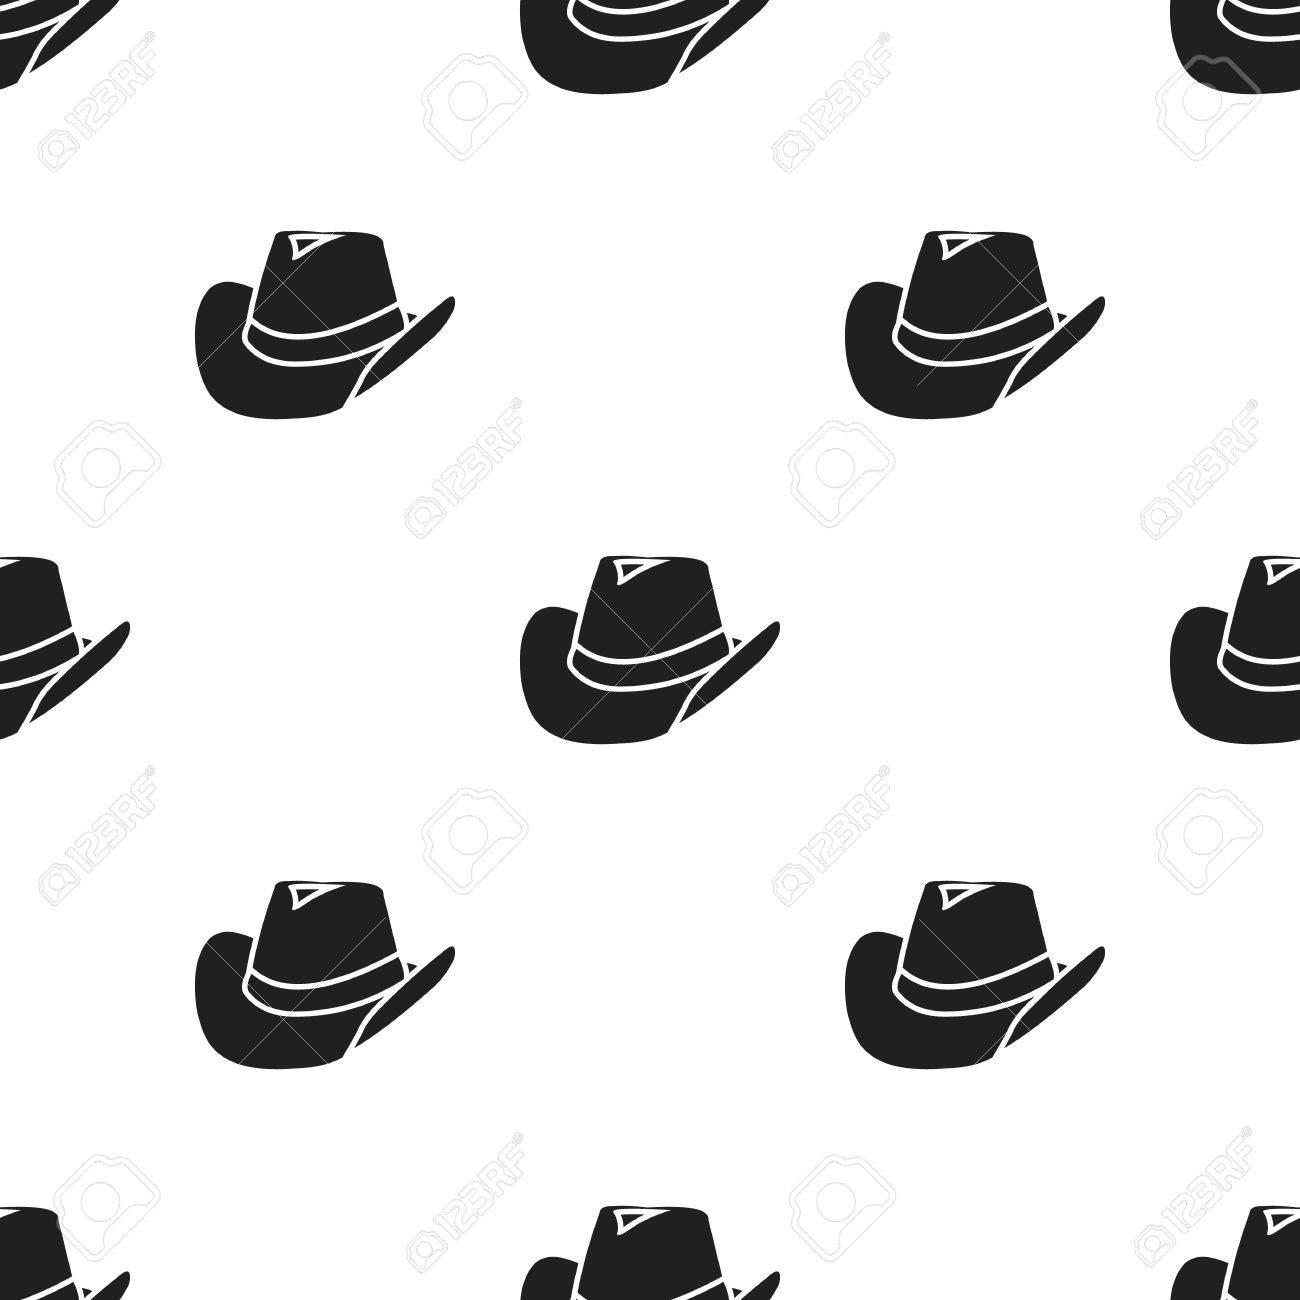 Foto de archivo - Icono de sombrero de vaquero en estilo negro aislado  sobre fondo blanco. Wlid patrón occidental stock ilustración vectorial. 2daac74ba90